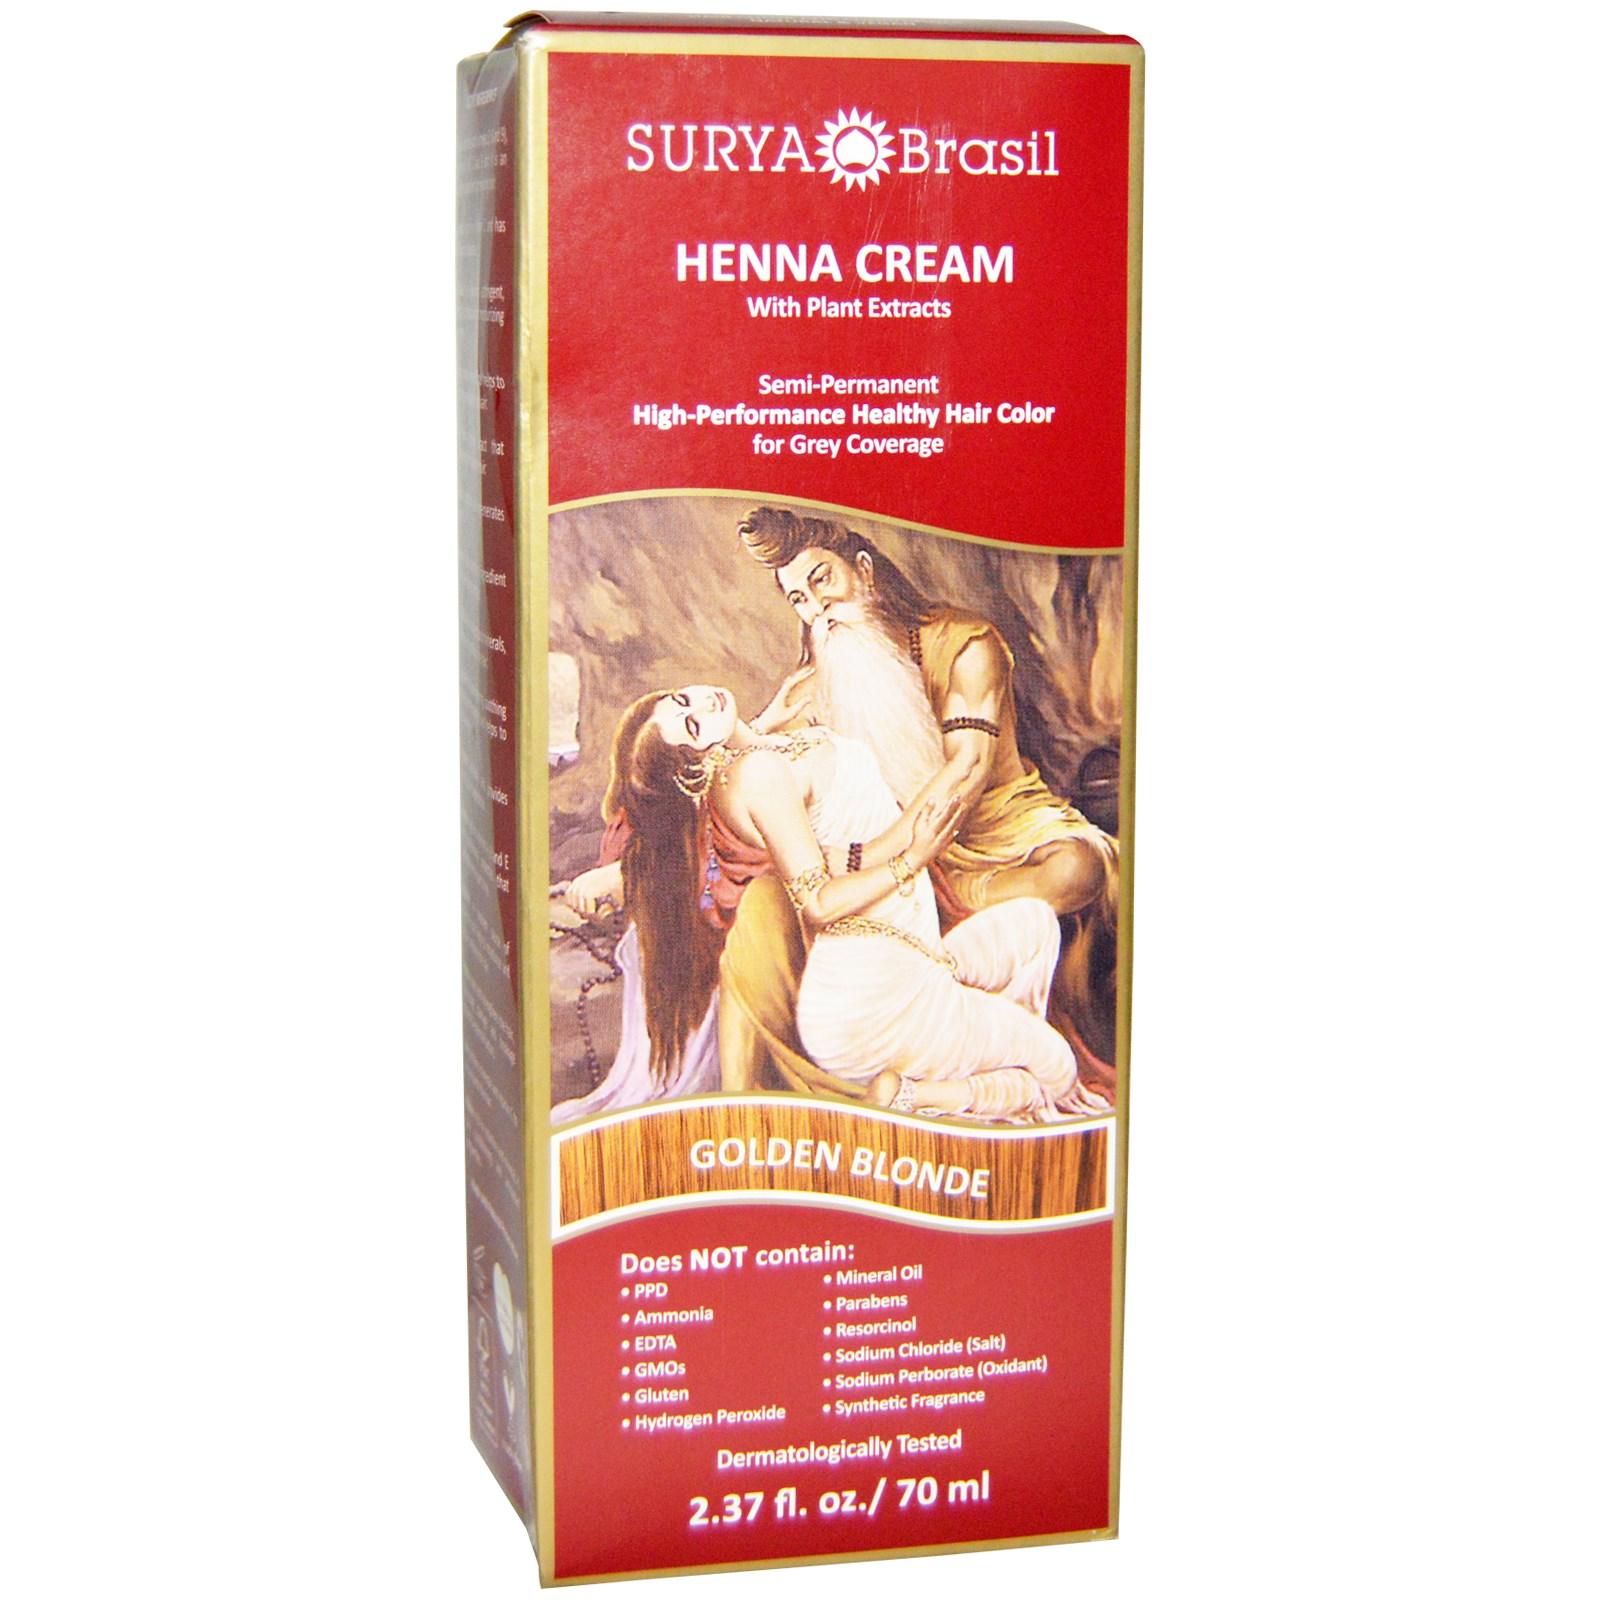 Surya Henna, Surya Henna, эффективная здоровая хна для седоватых волос, золотисто-русый, 2,37 жидких унций (70 мл)